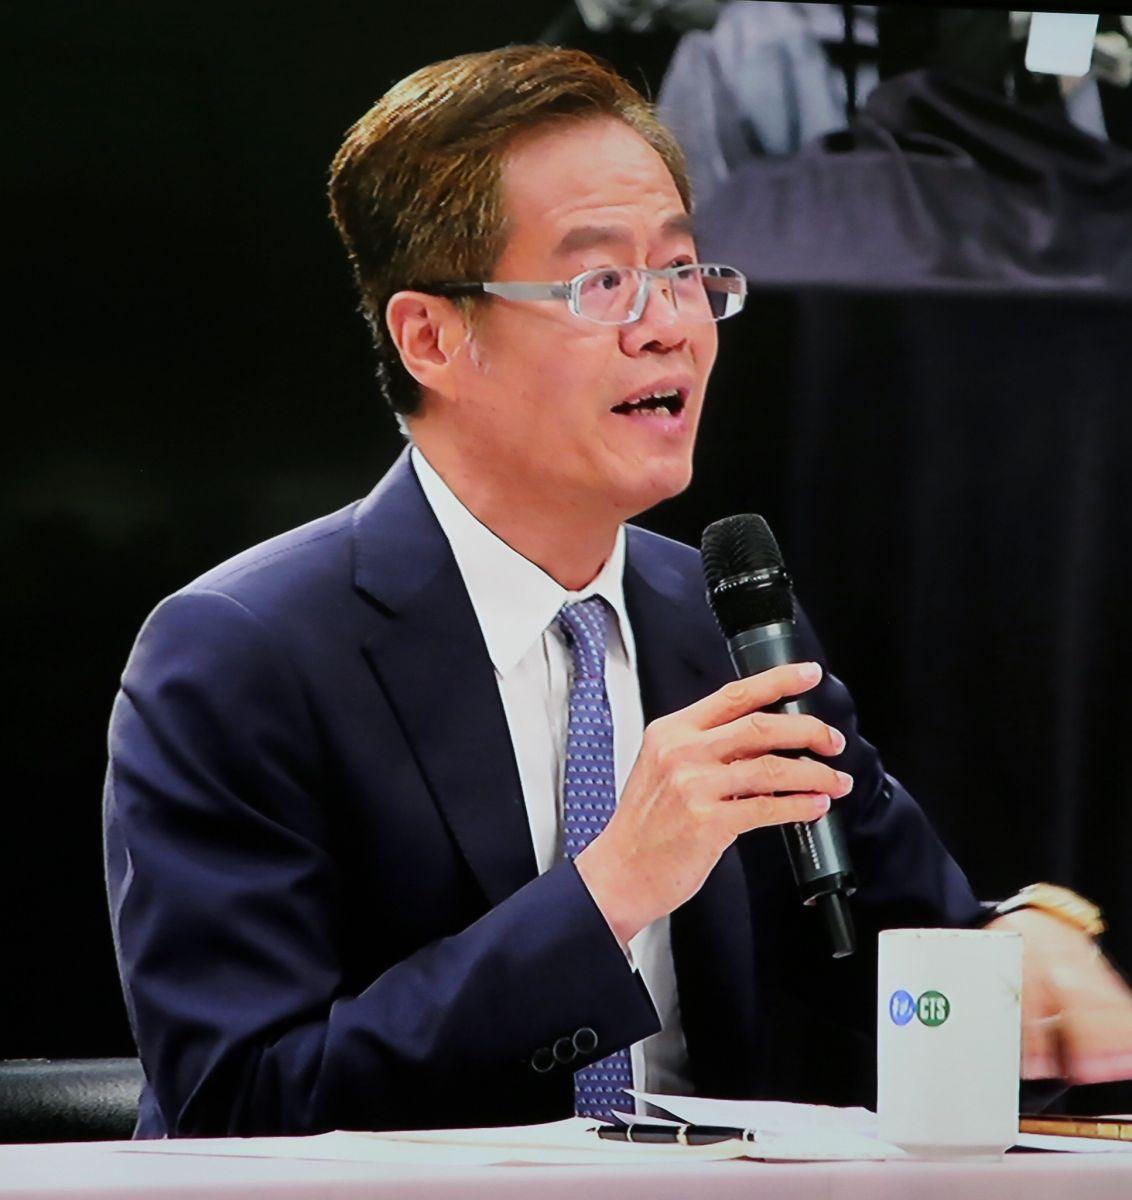 《今周刊》社長梁永煌針對台灣經濟成長如何讓人民「有感」提問